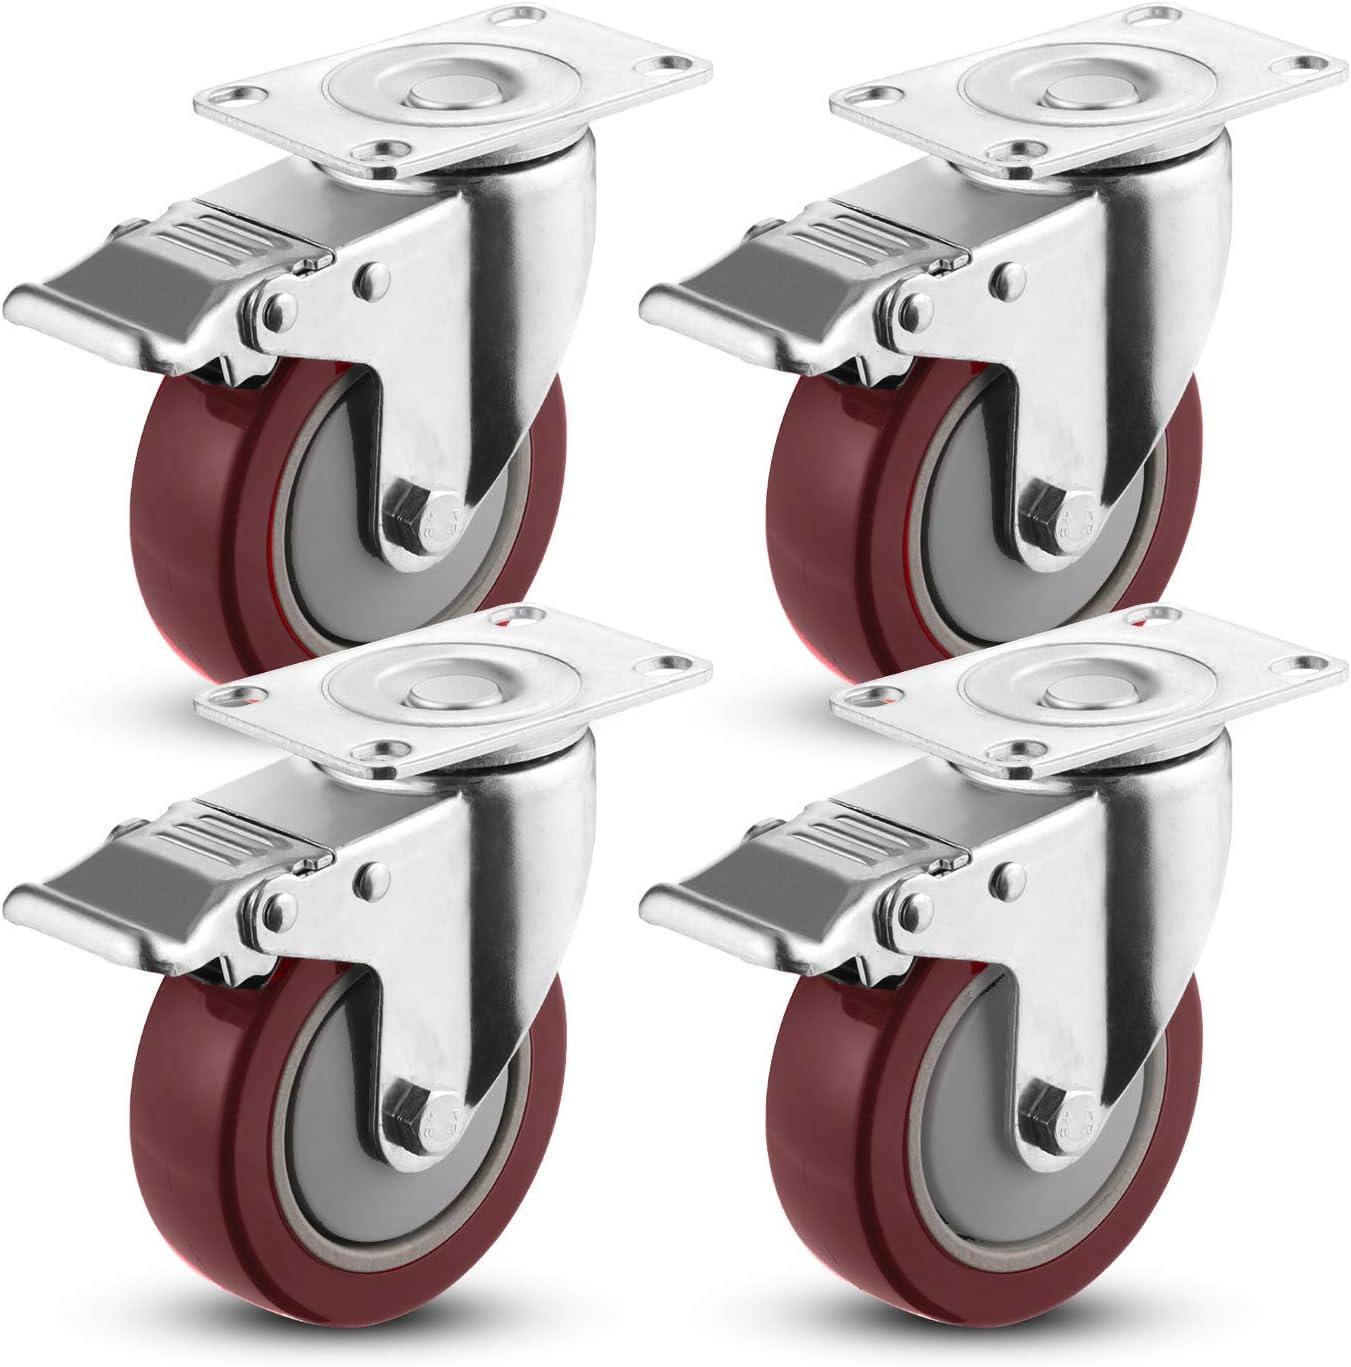 Meditool 4Pcs 100mm Ruedas Pivotantes Ruedas Giratorias para Muebles con Freno (Capacidad de carga máxima 400 KG)